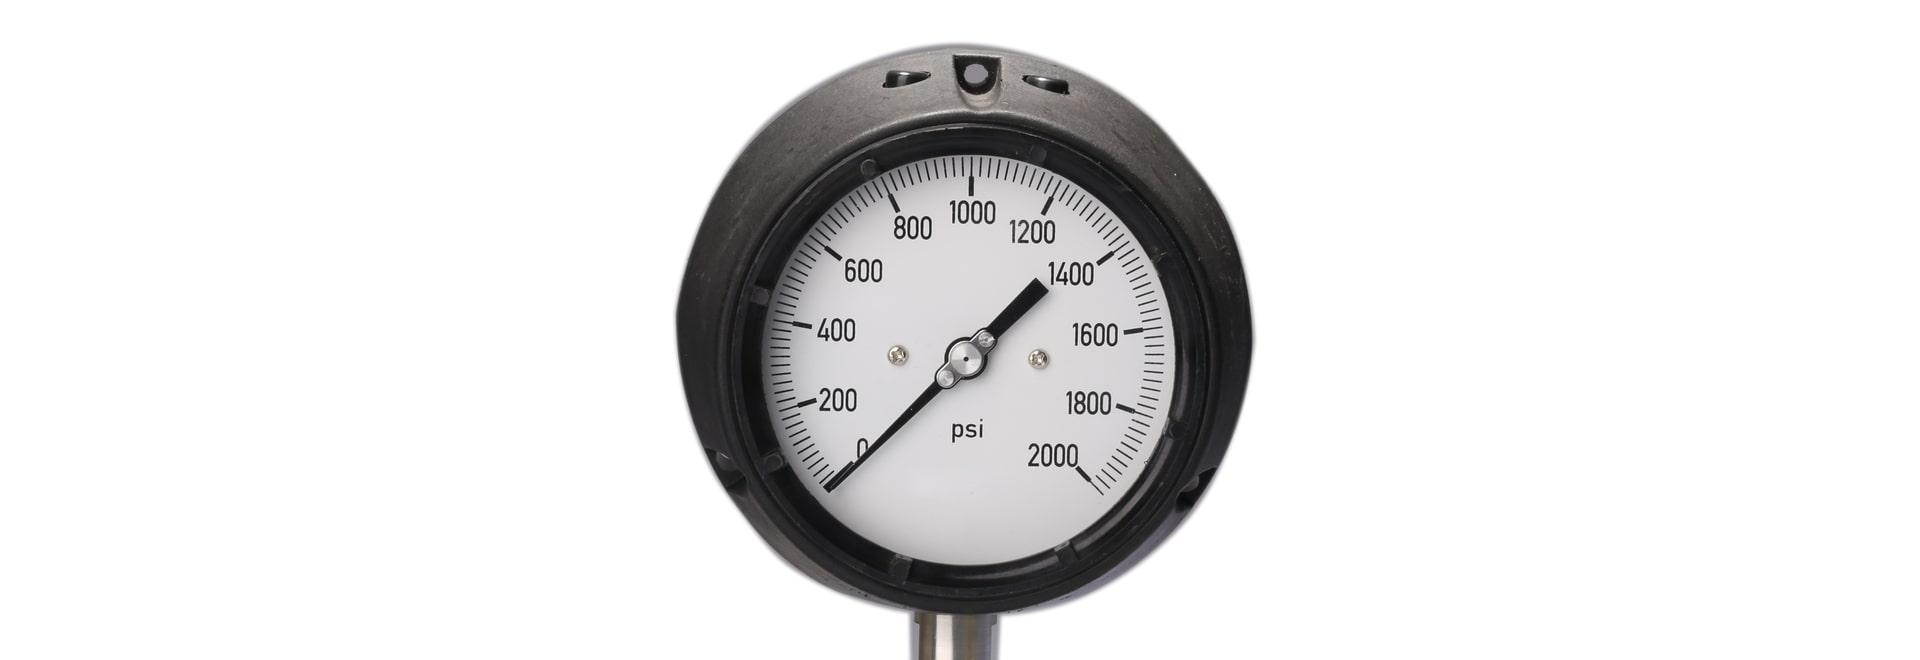 La clasificación del manómetro